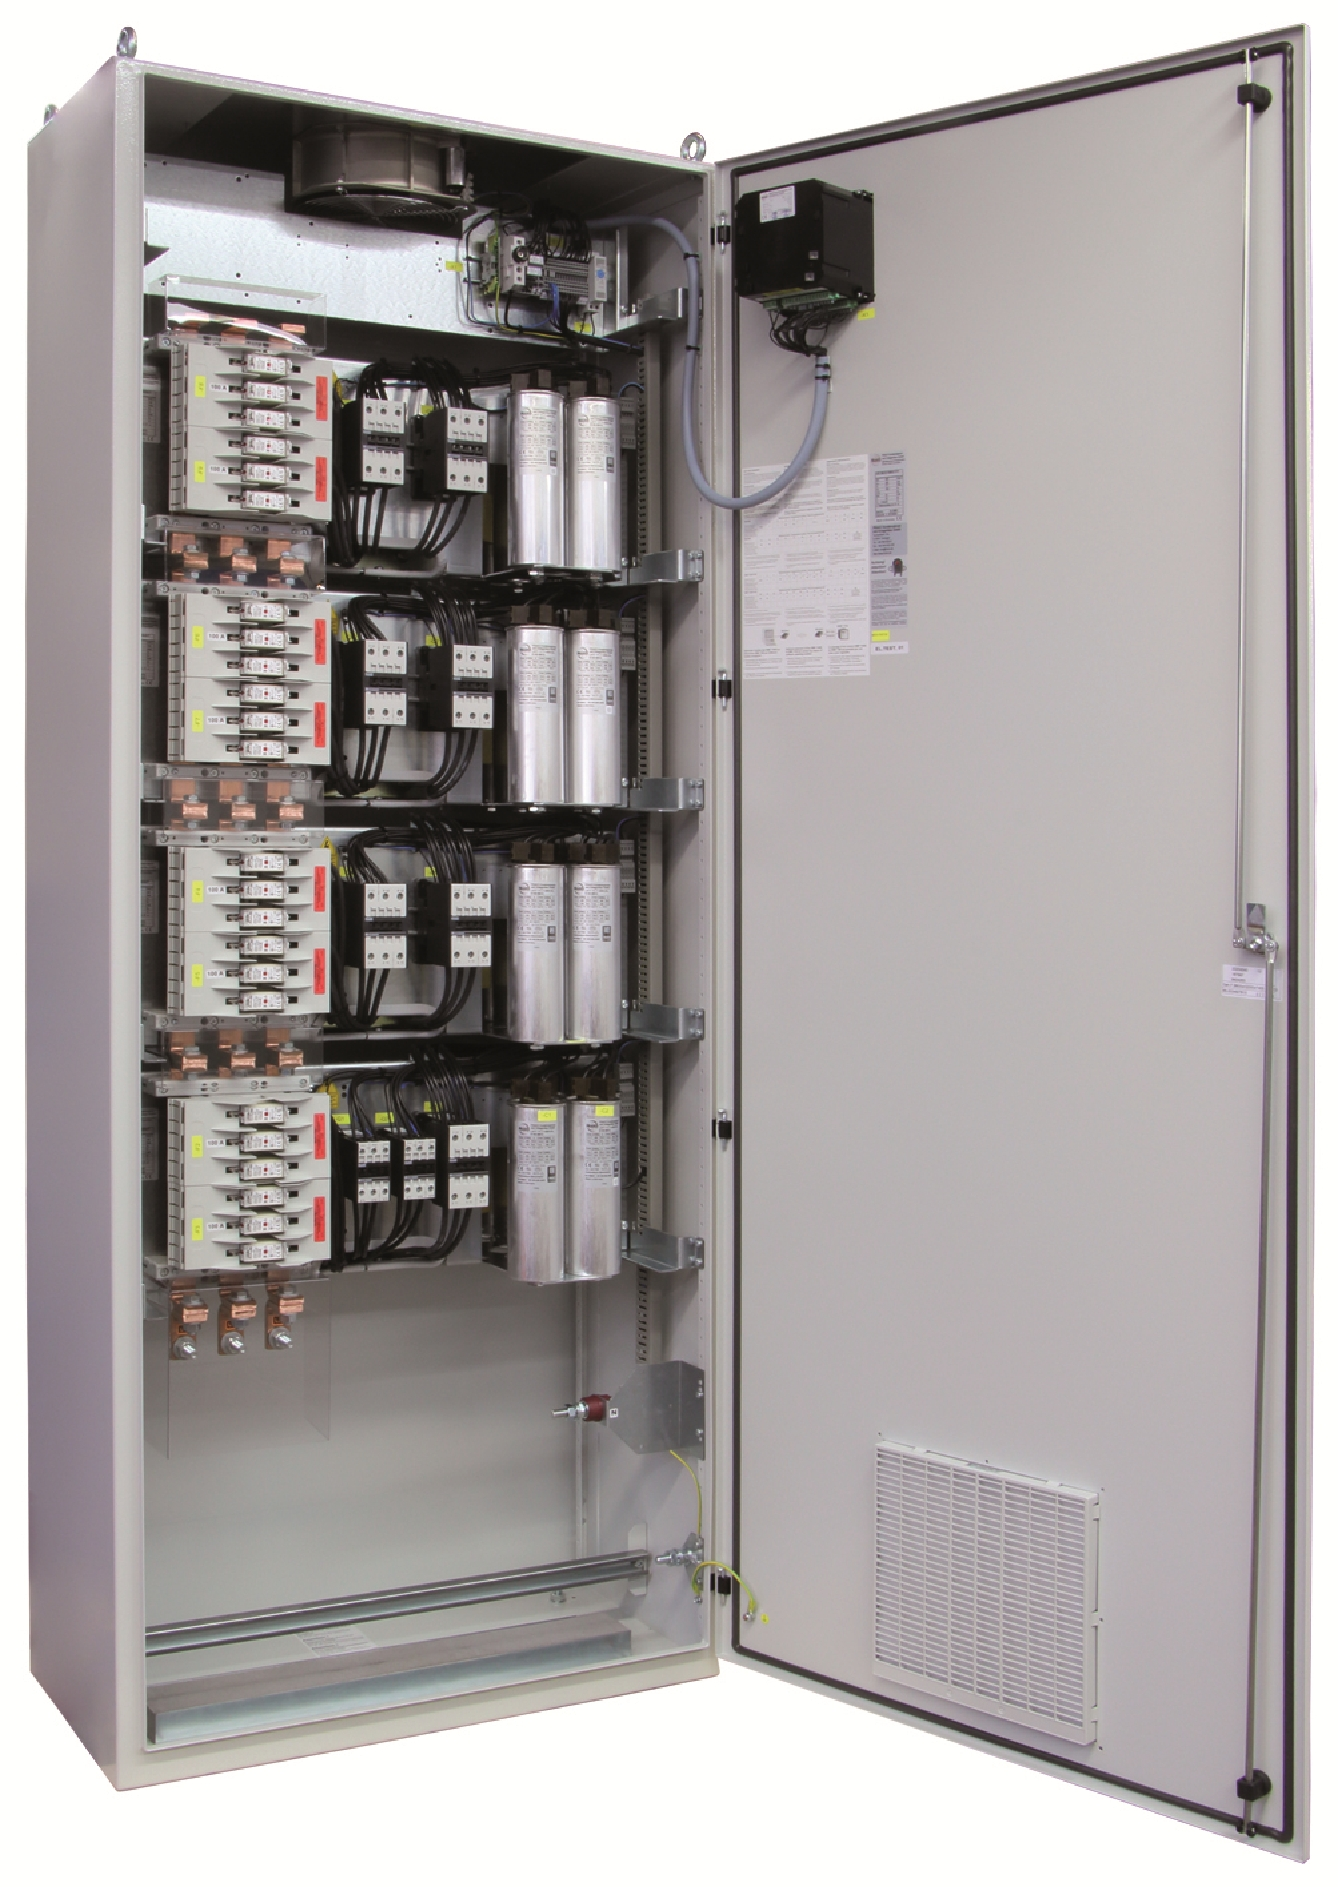 1 Stk Kompensation LSFC 14% 500/50kvar 800x2110x600mm FR3422649-